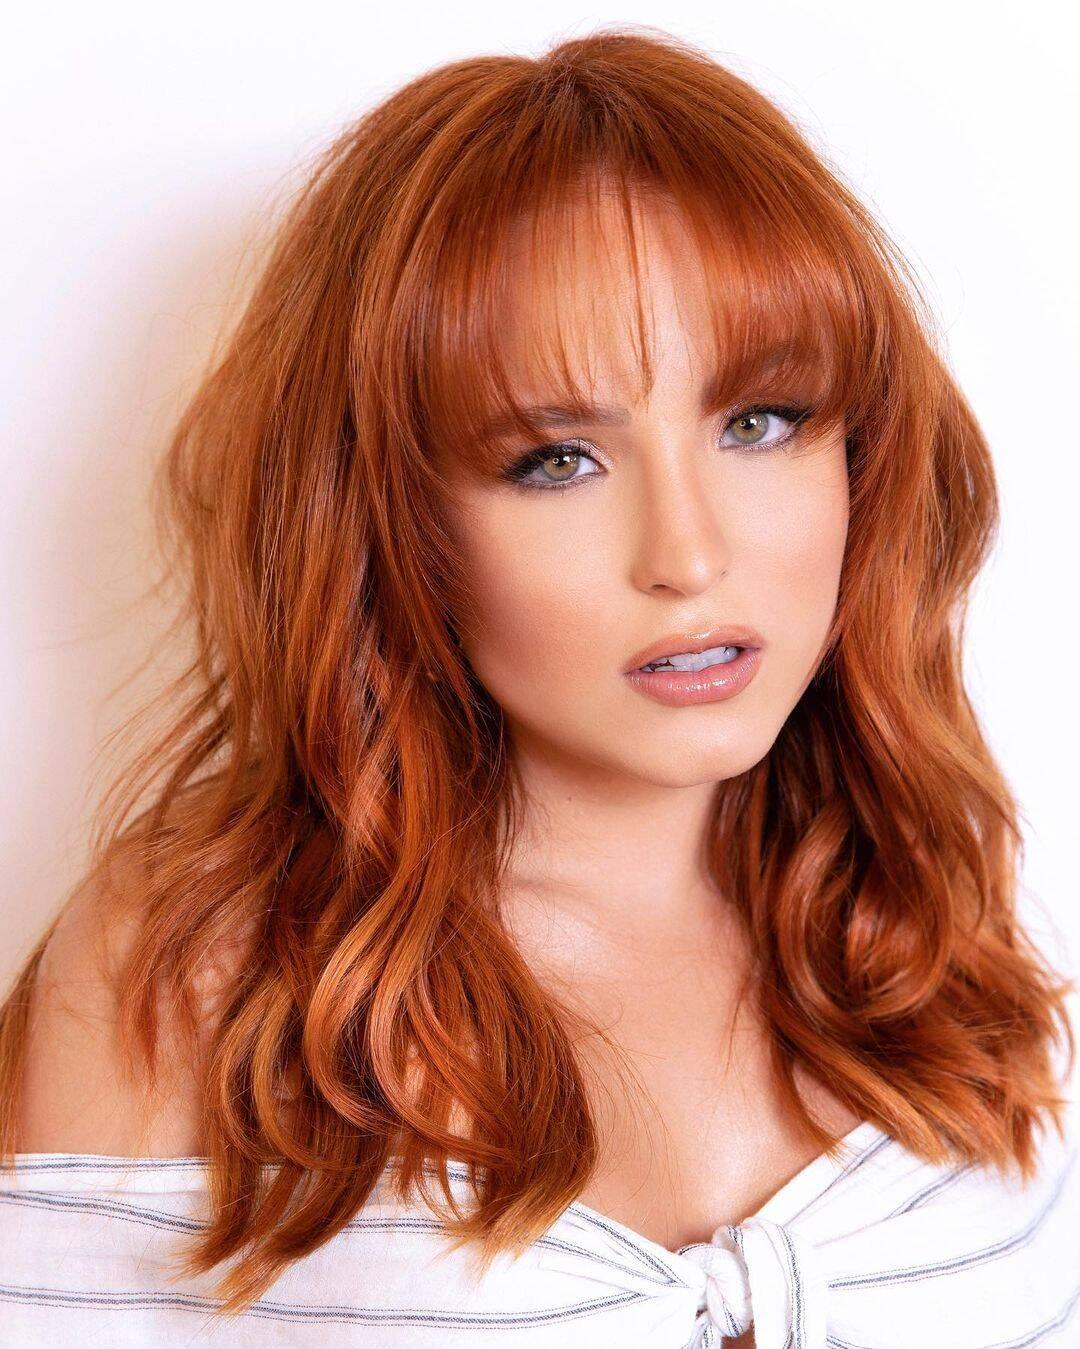 Com os cabelos na altura do ombro, Larissa fez uma extensão capilar e resolveu dar adeus aos fios curtinhos. A atriz agora aparece com os cabelos longos, acompanhado de uma franjinha. (Foto: Instagram)